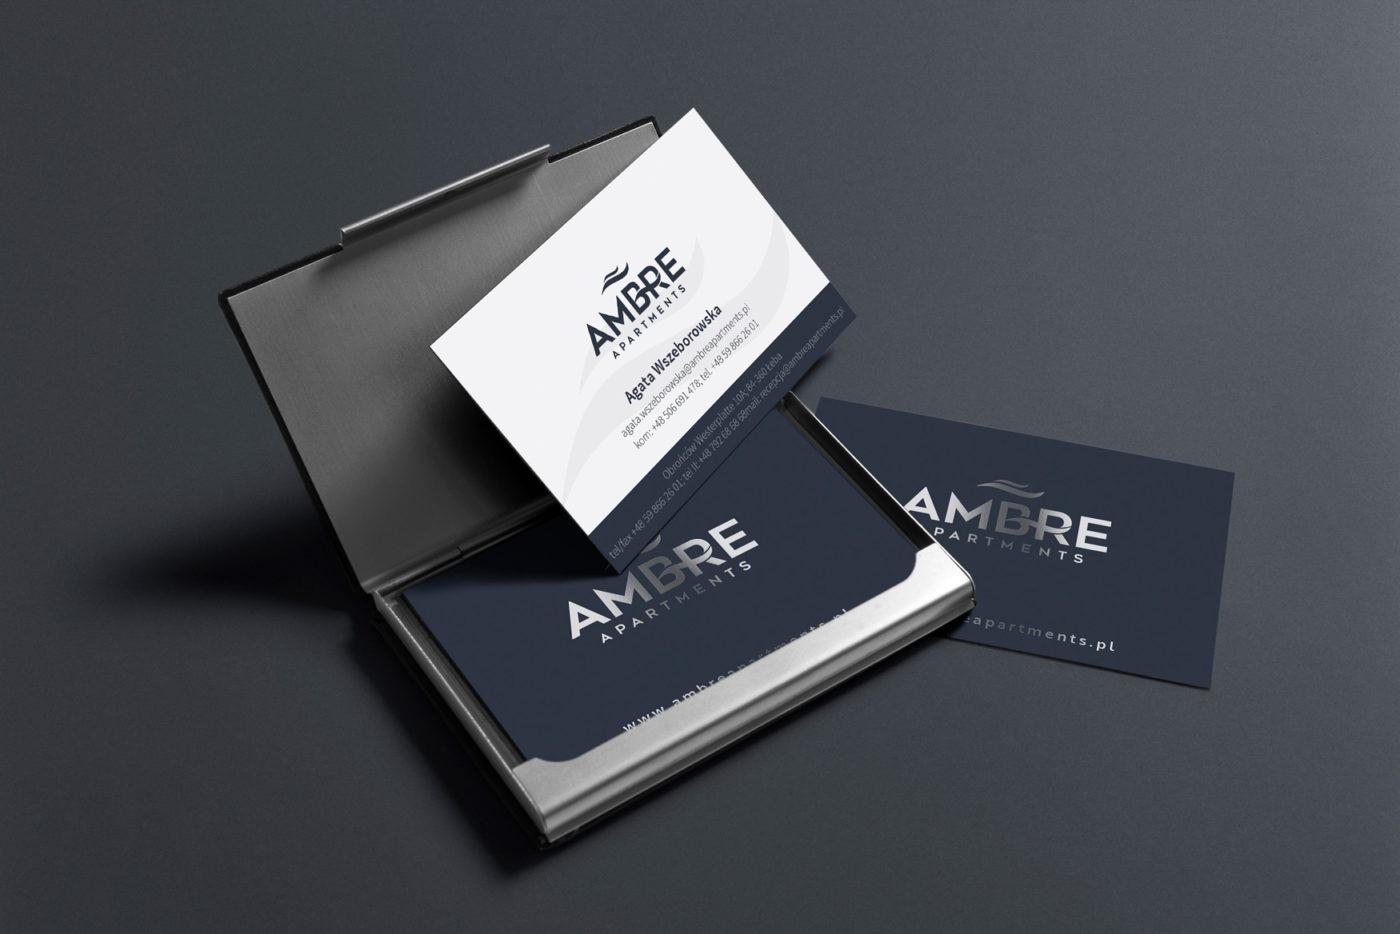 Projekt Ambre Apartments